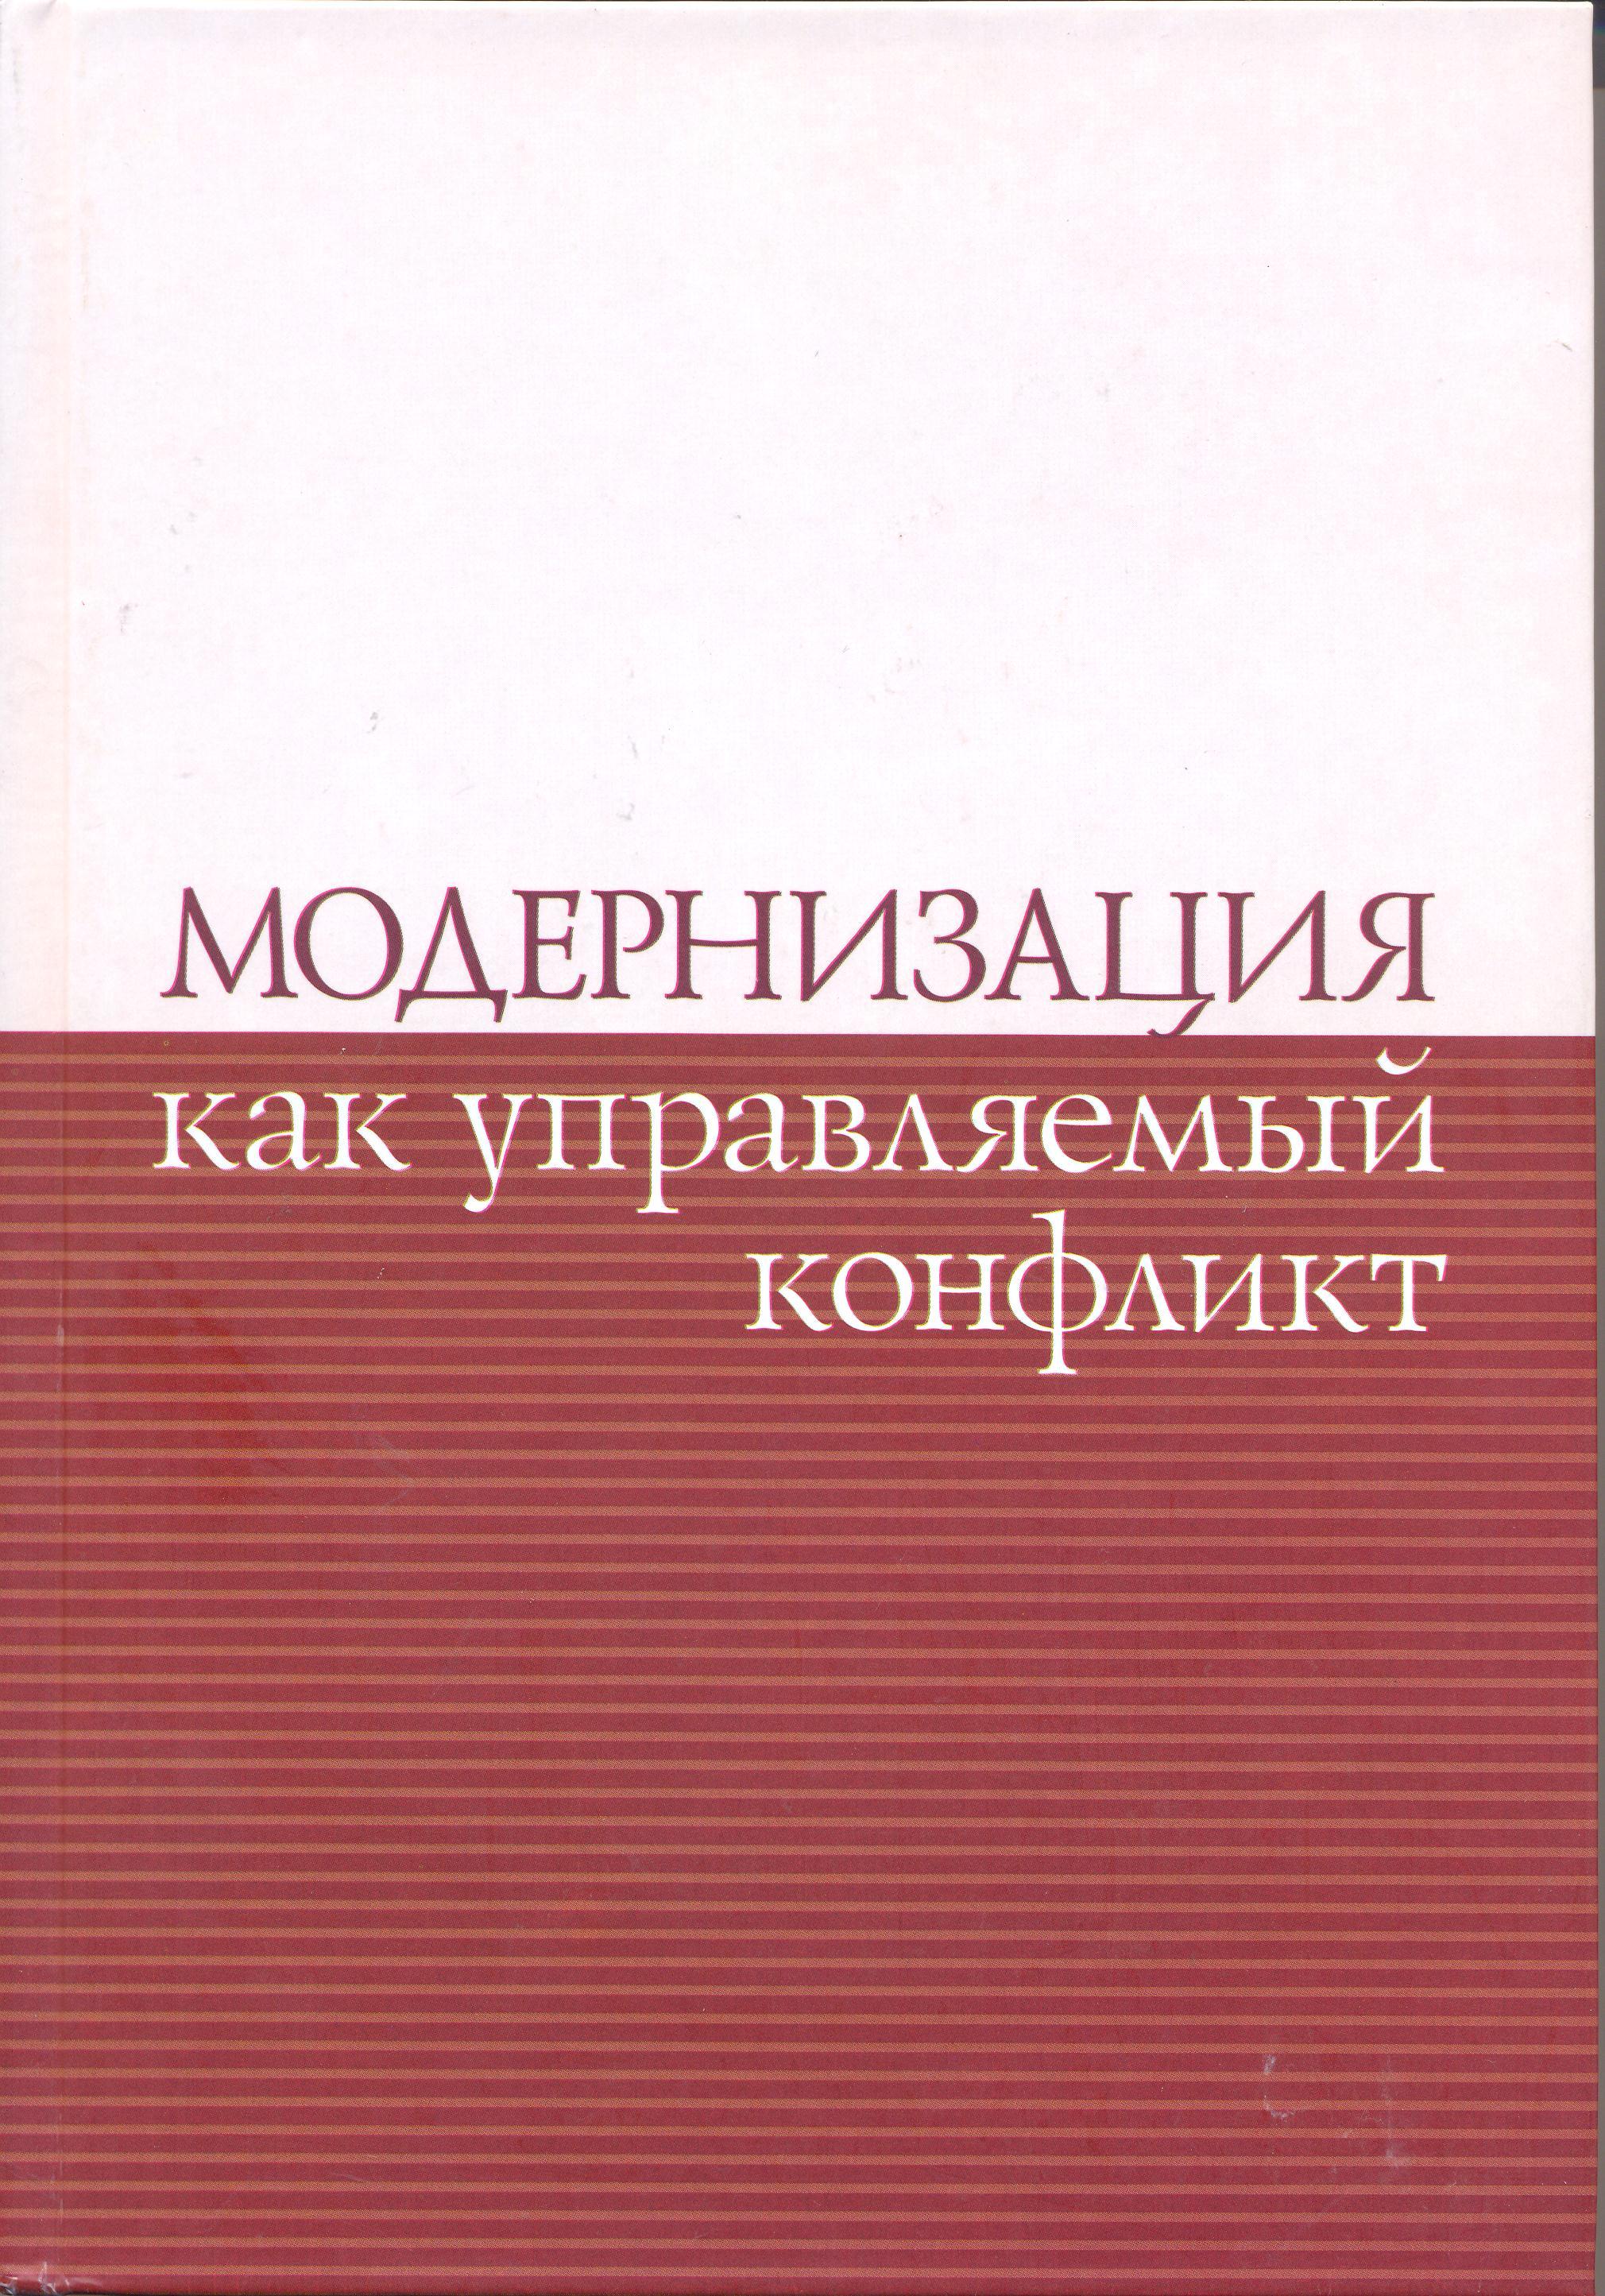 Культура конфликта во взаимодействии власти и гражданского общества как фактор модернизации России